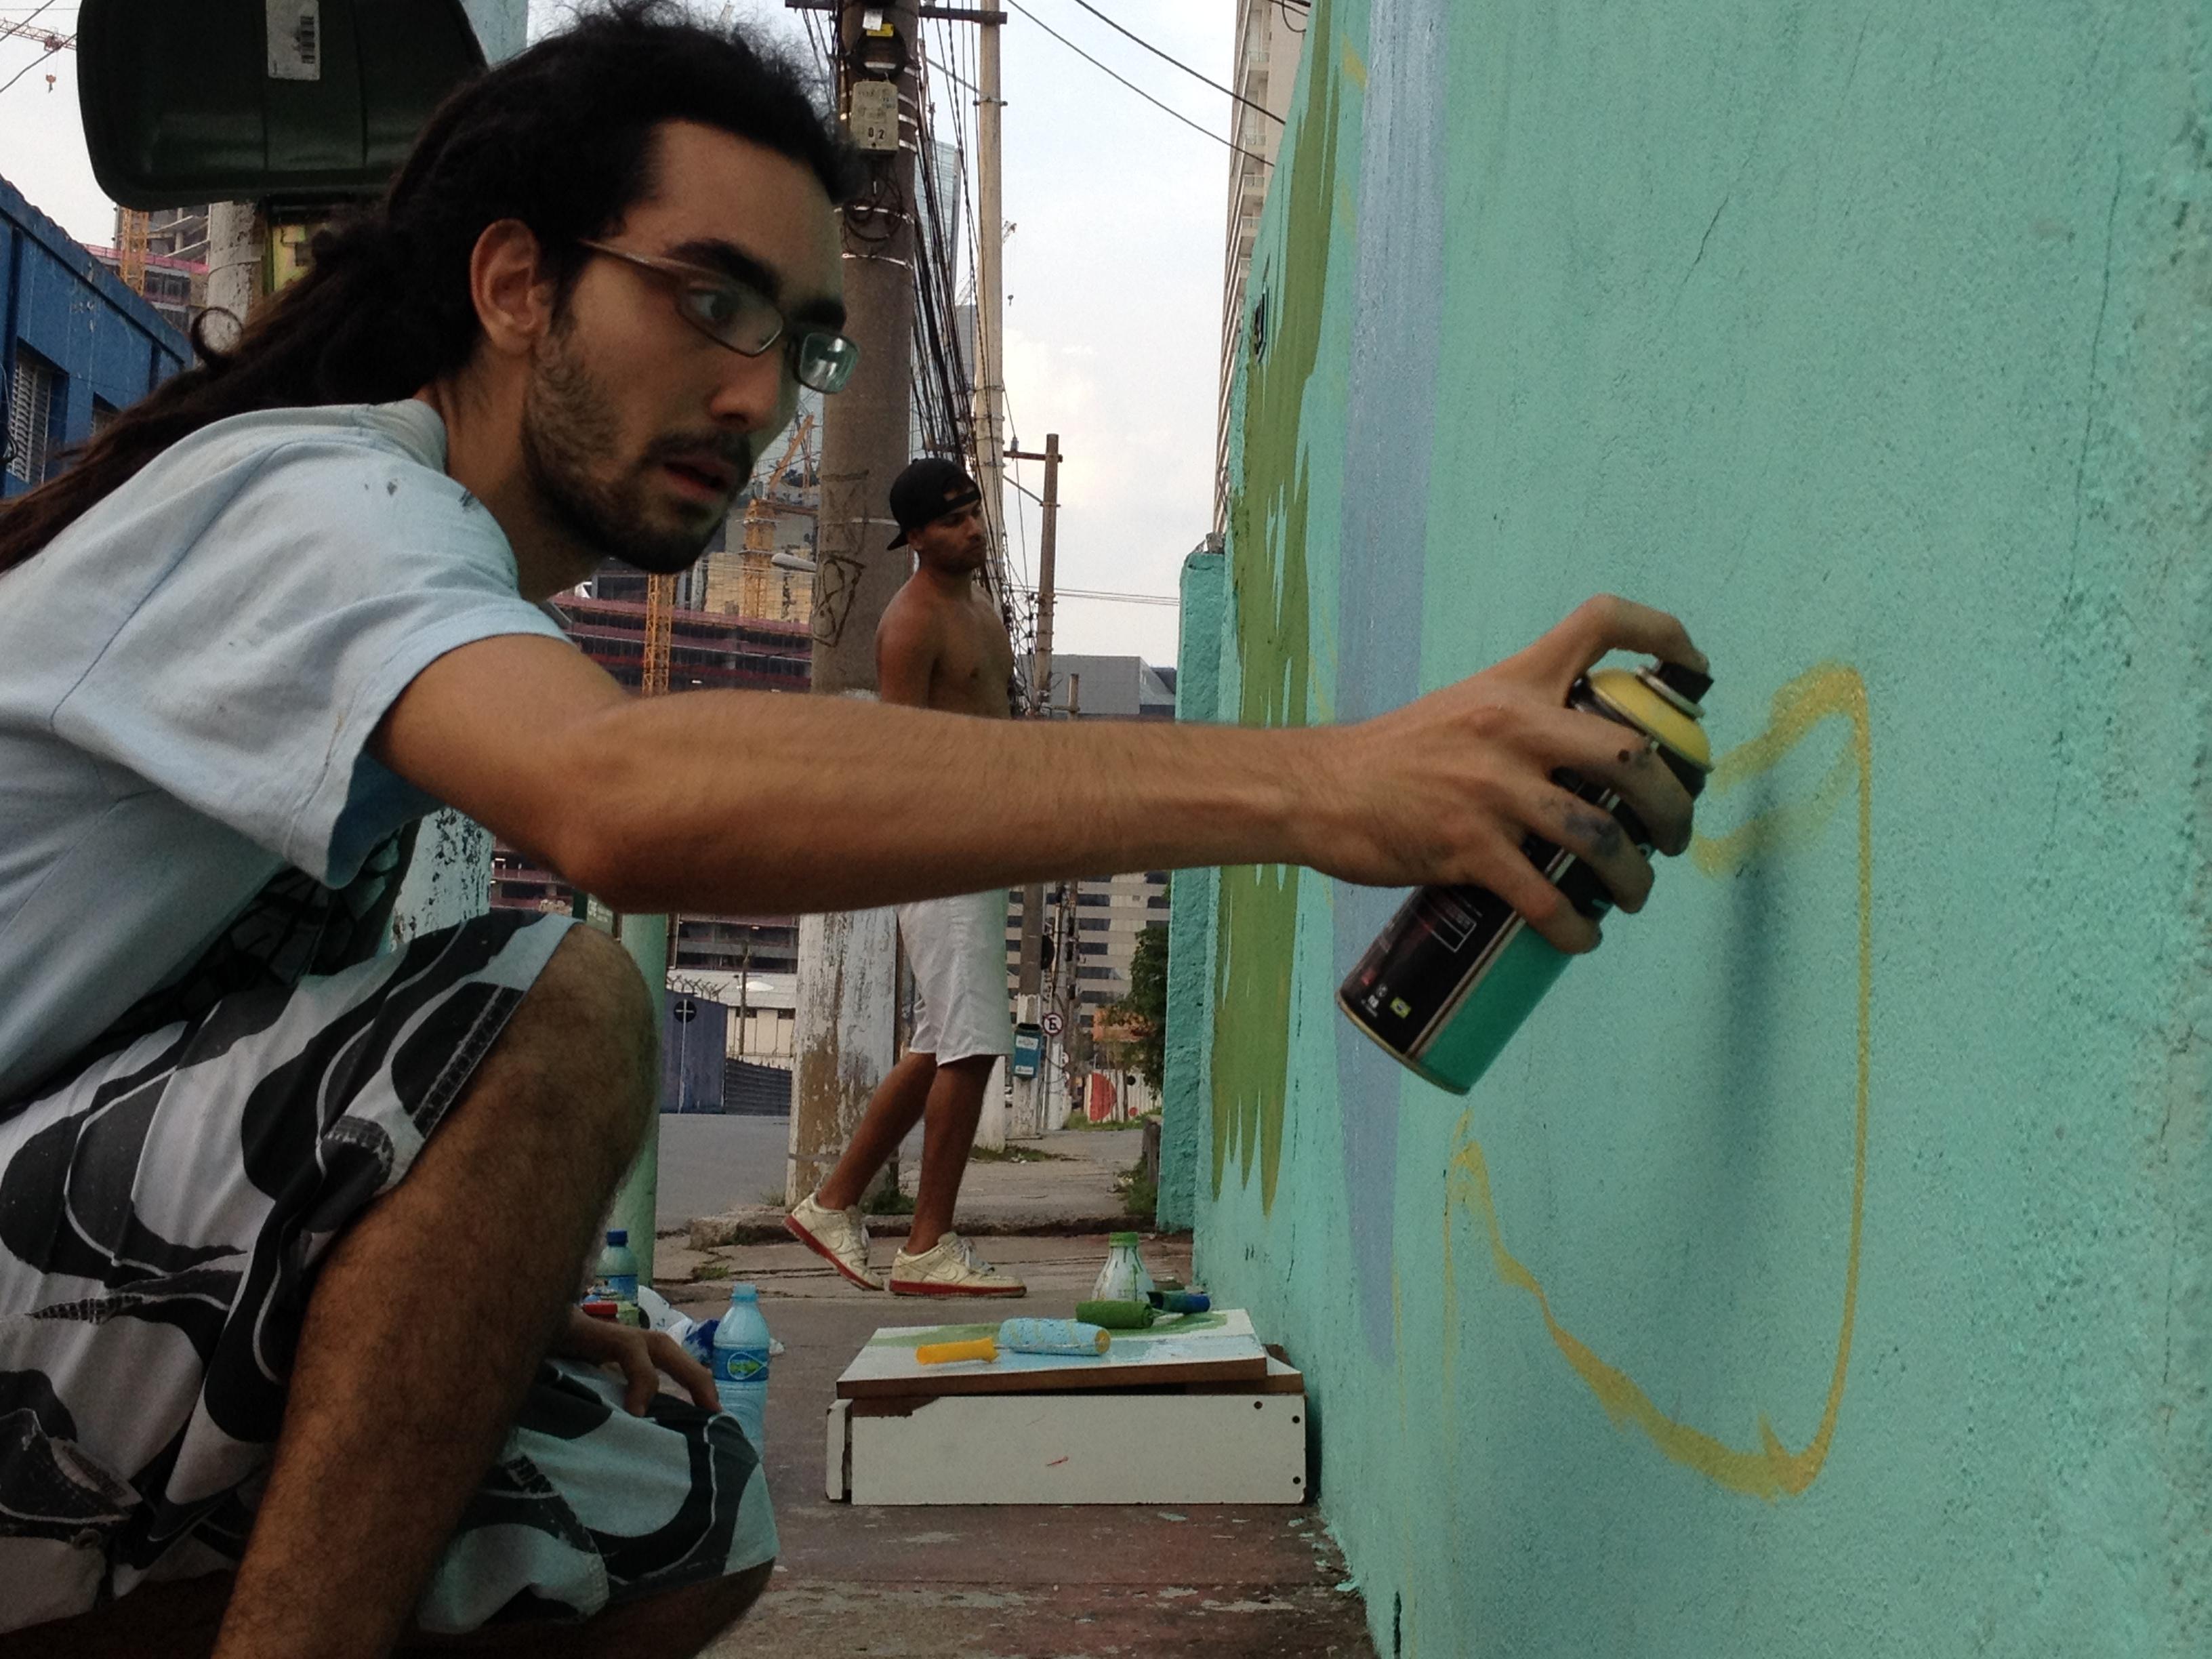 Ideia, suor e tinta: os dois desenhos no muro ficaram prontos em duas horas e meia (Foto: Theo Chacon)